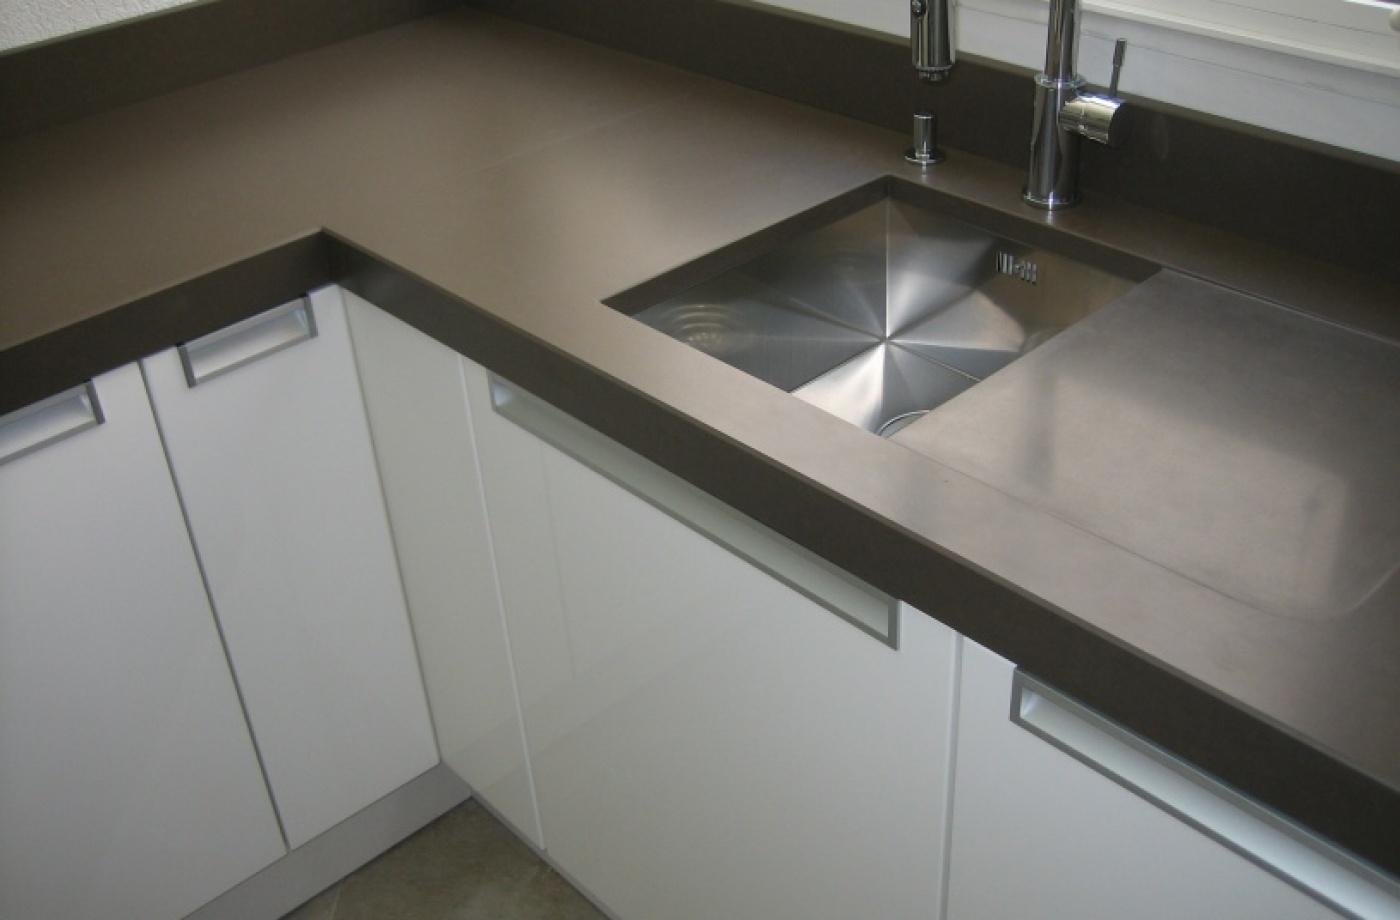 Granit plan de cuisine en quartz avec evier inox et egouttoir décaissé quartz Noce finition cuir